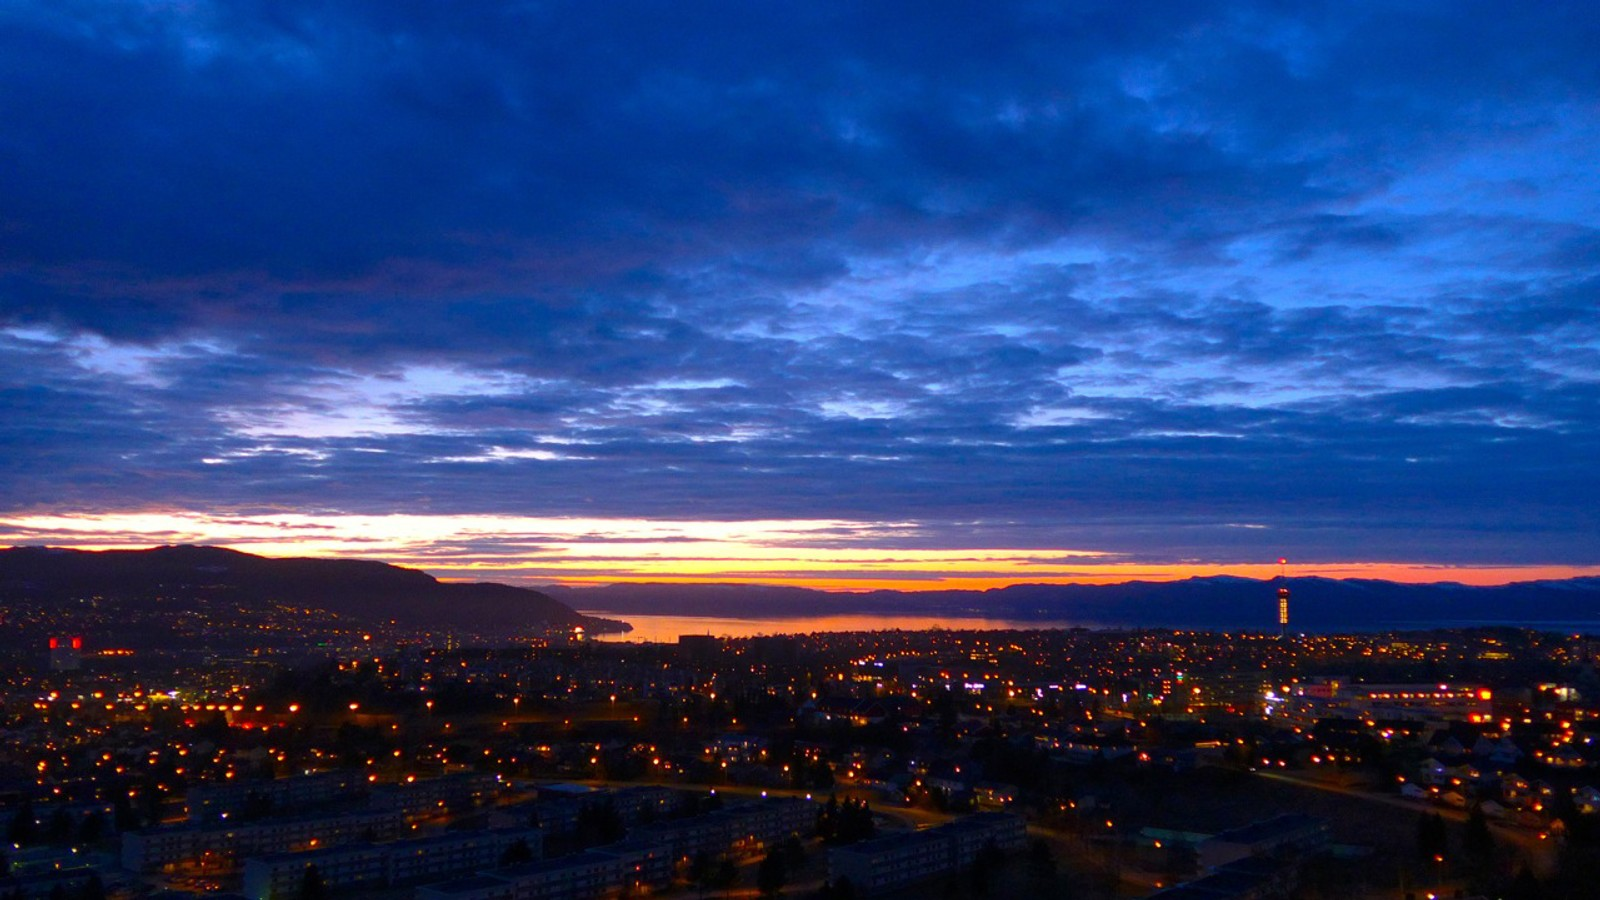 Aprilkvelden senker seg over Trondheim